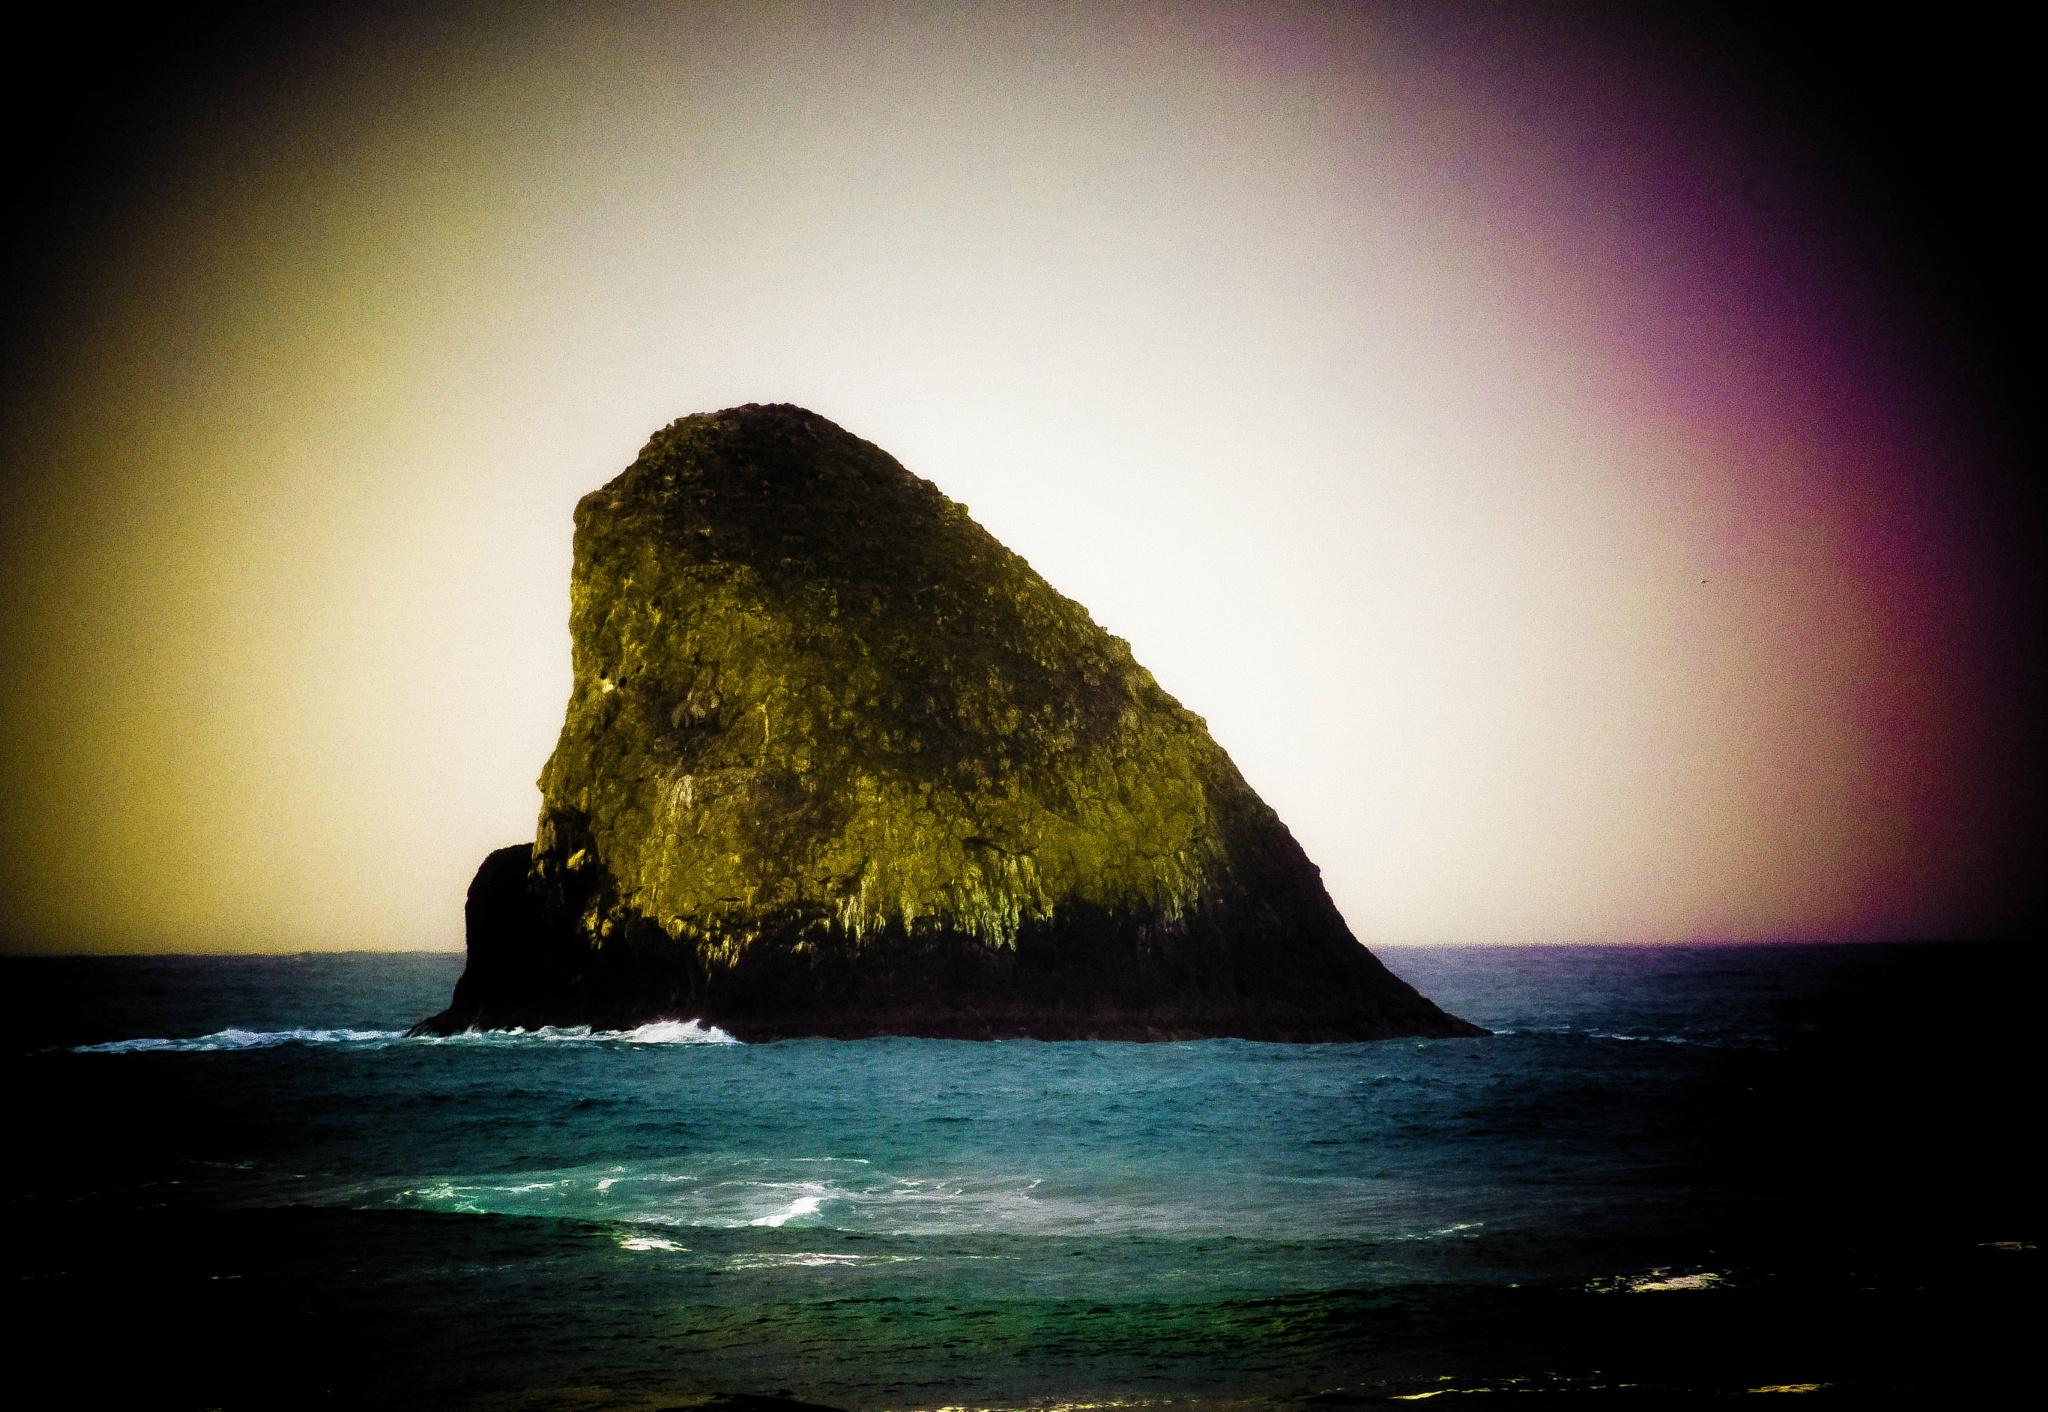 Ocean Rock by Gillianne Fields